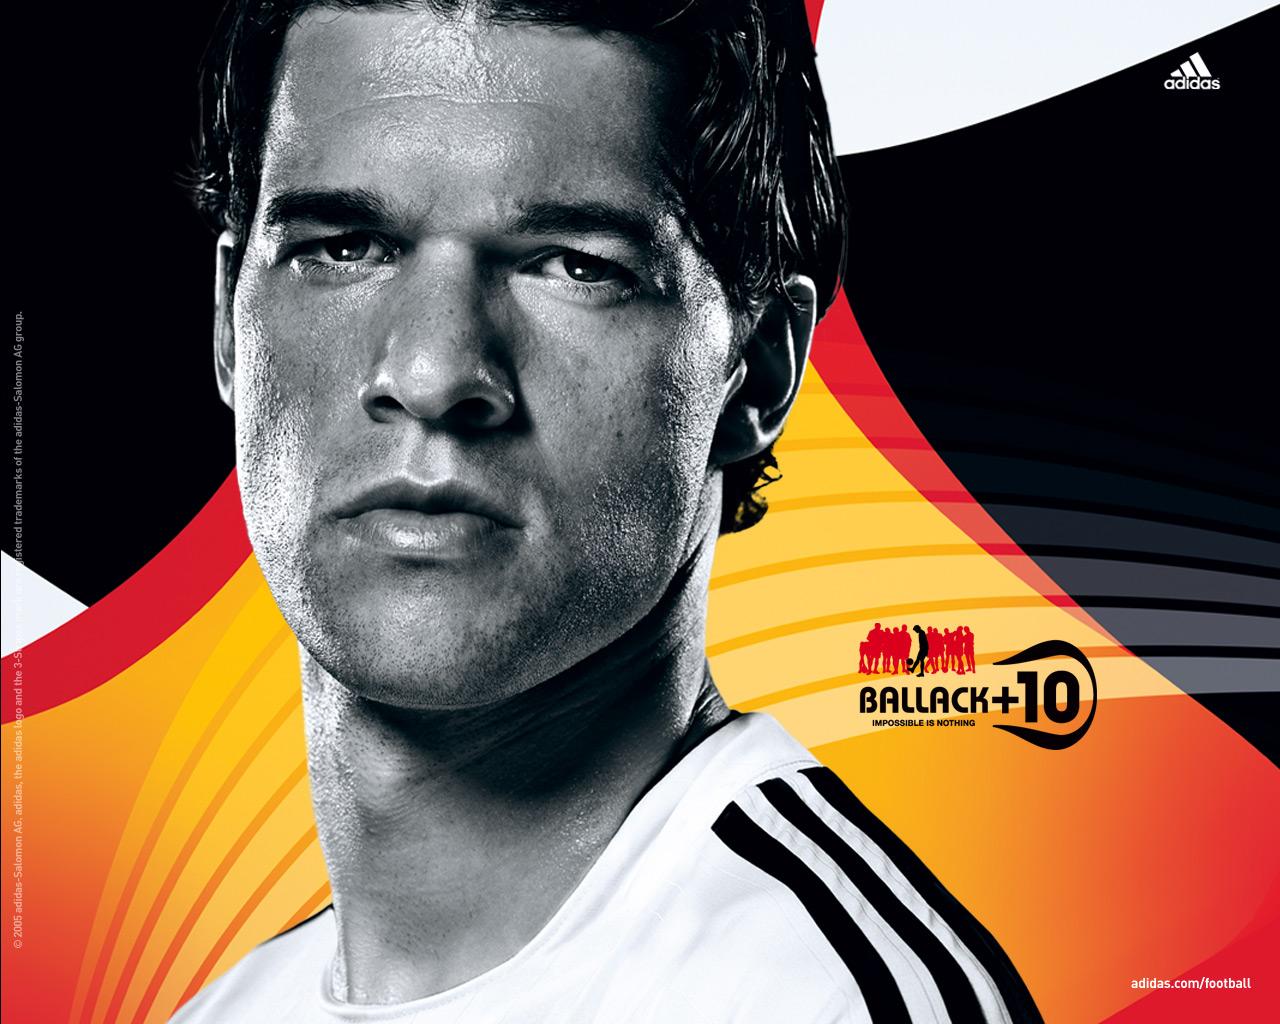 1024adidas阿迪达斯足球系列壁纸 壁纸72壁纸,adidas阿迪达斯壁纸